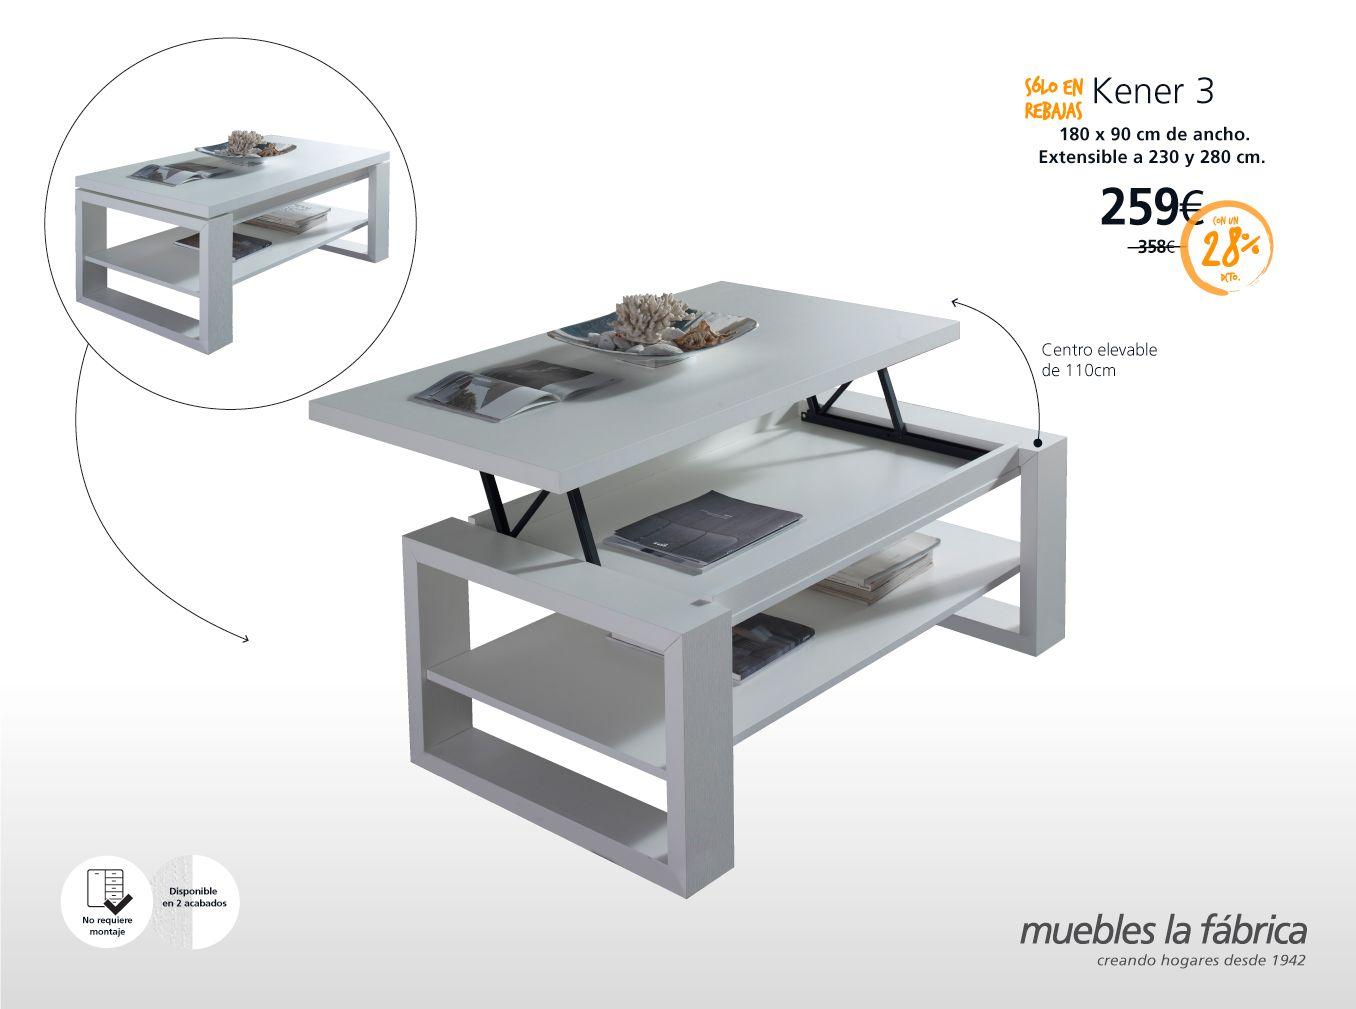 Si eres de los que come siempre delante del TV, sentadito cómodamente en tu sofá, entonces necesitas una KENER:   - KENER 3: http://bit.ly/1O0bfQ6  #mesa de centro #revistero